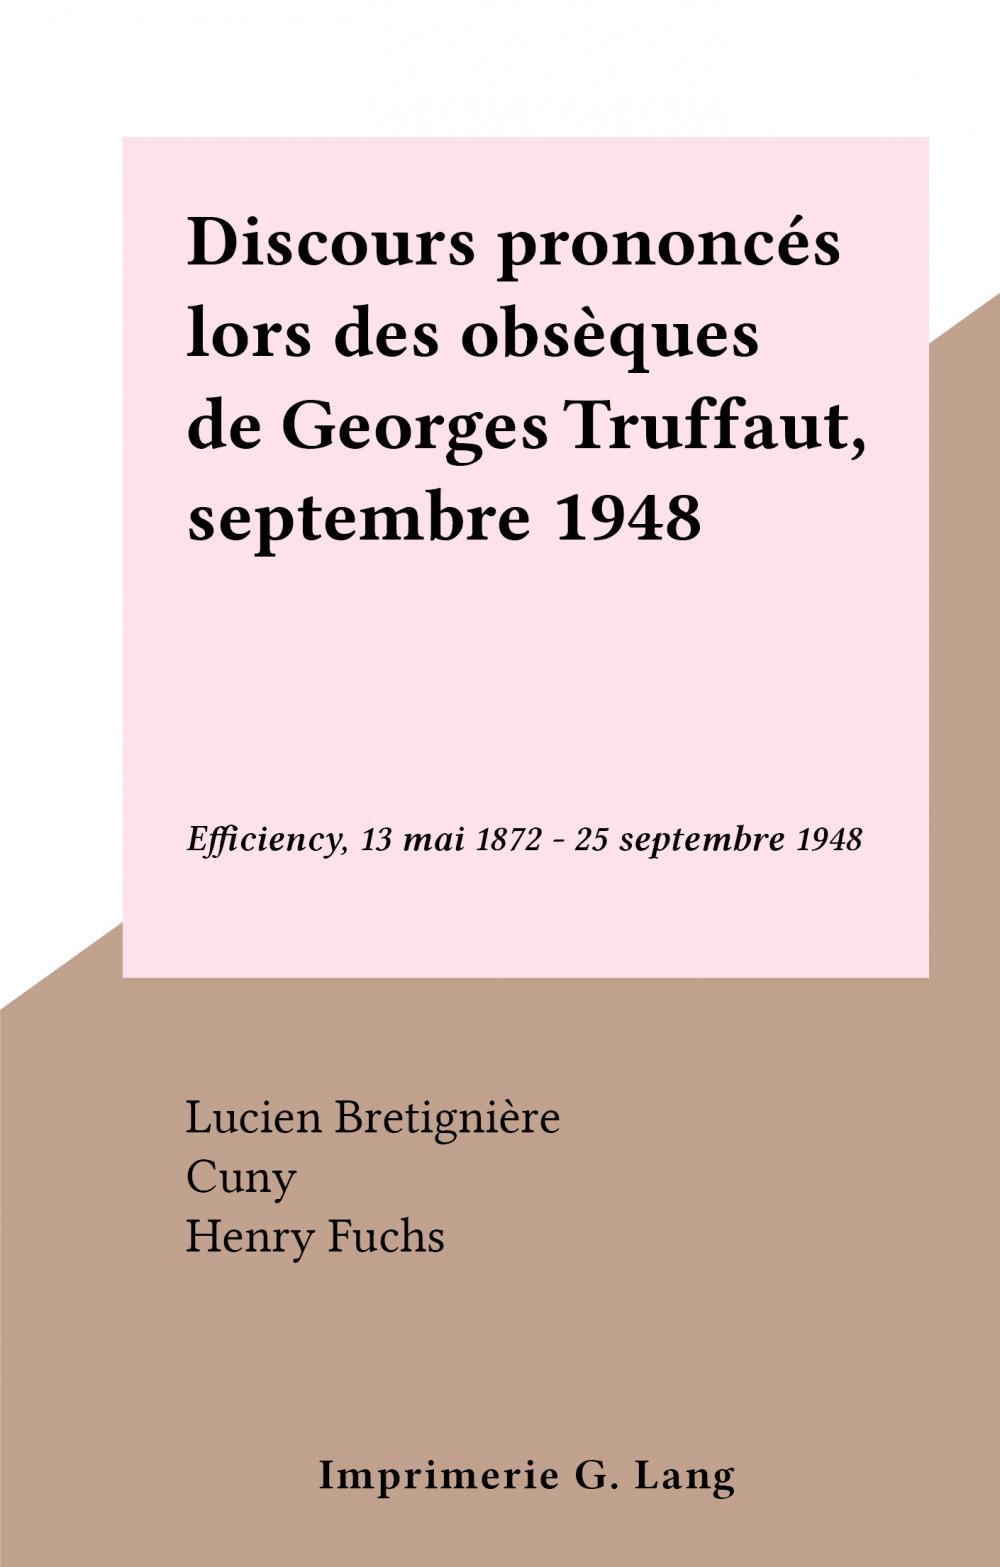 Discours prononcés lors des obsèques de Georges Truffaut, septembre 1948  - Lucien Bretignière  - Cuny  - Roger Heim  - Henry Fuchs